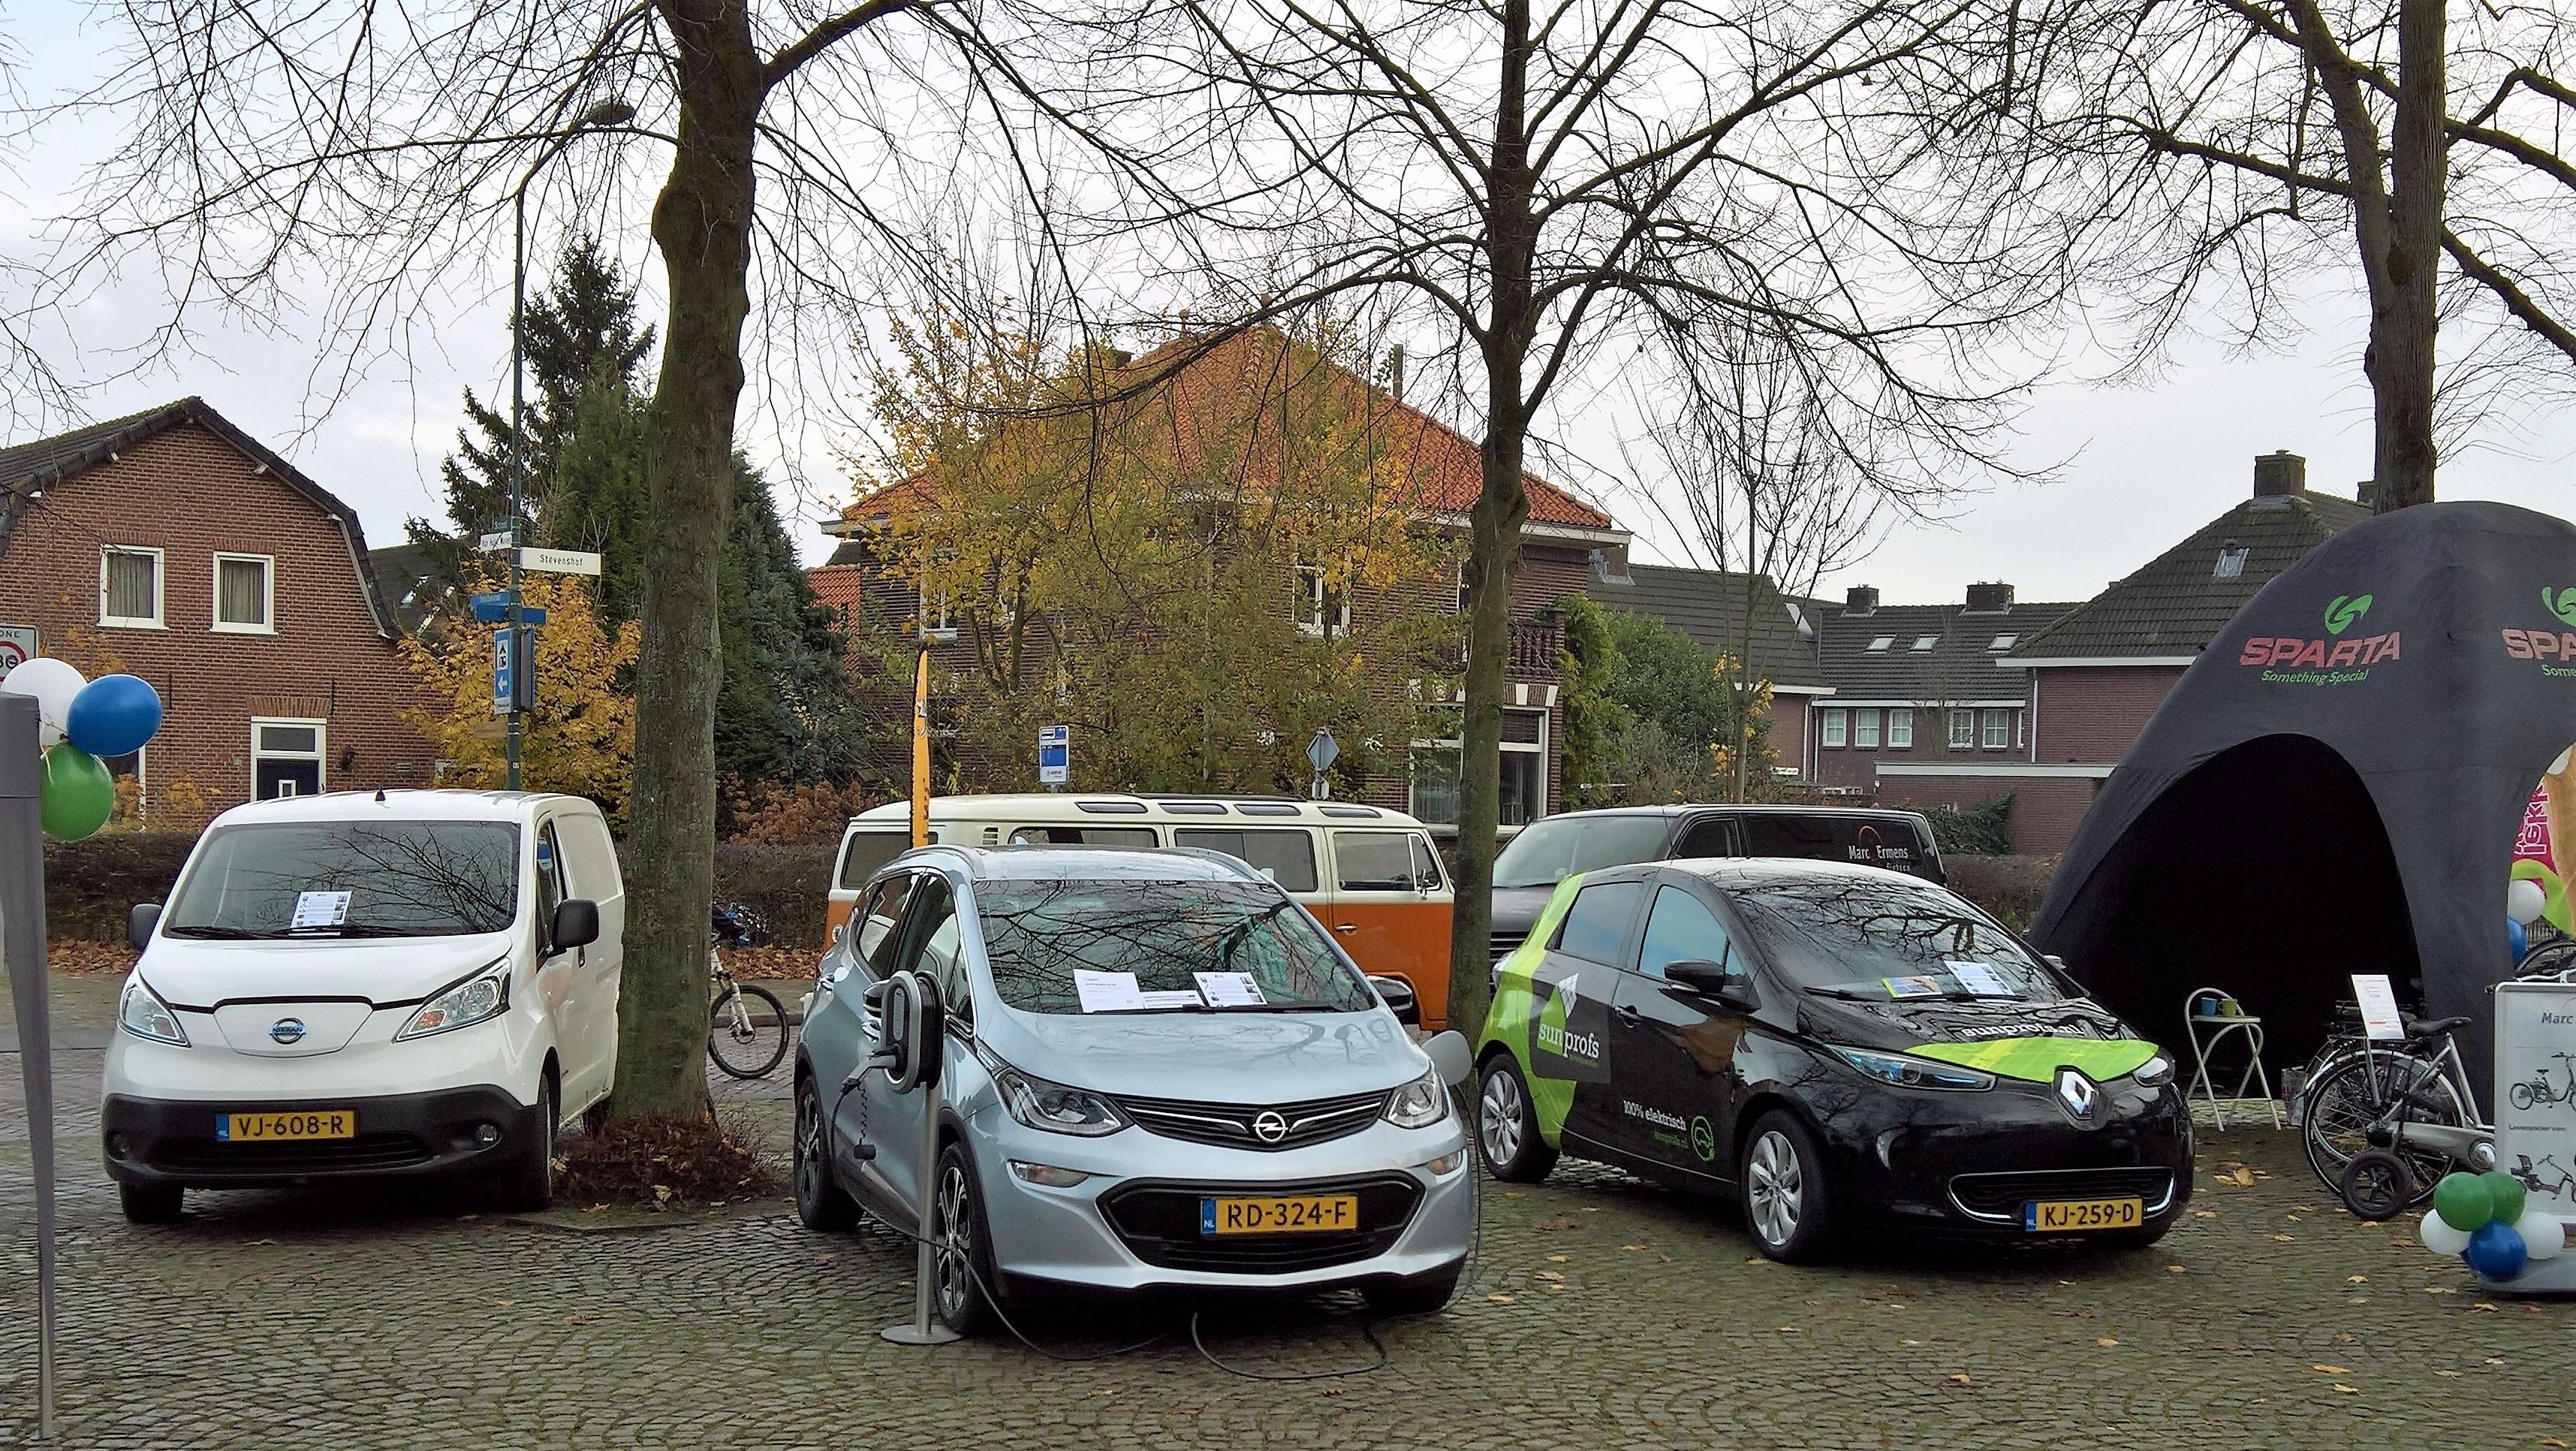 JK EV solutions op Brinkevent 2017 elektrisch rijden en laden